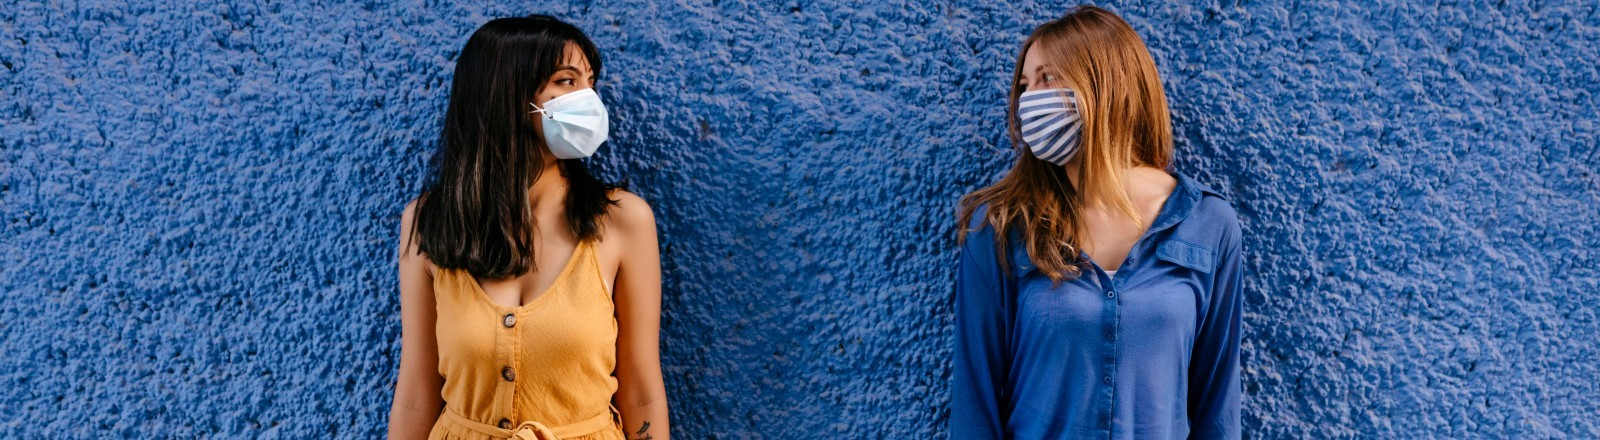 Zwei Freundinnen schauen sich auf Abstand mit Maske im Gesicht an